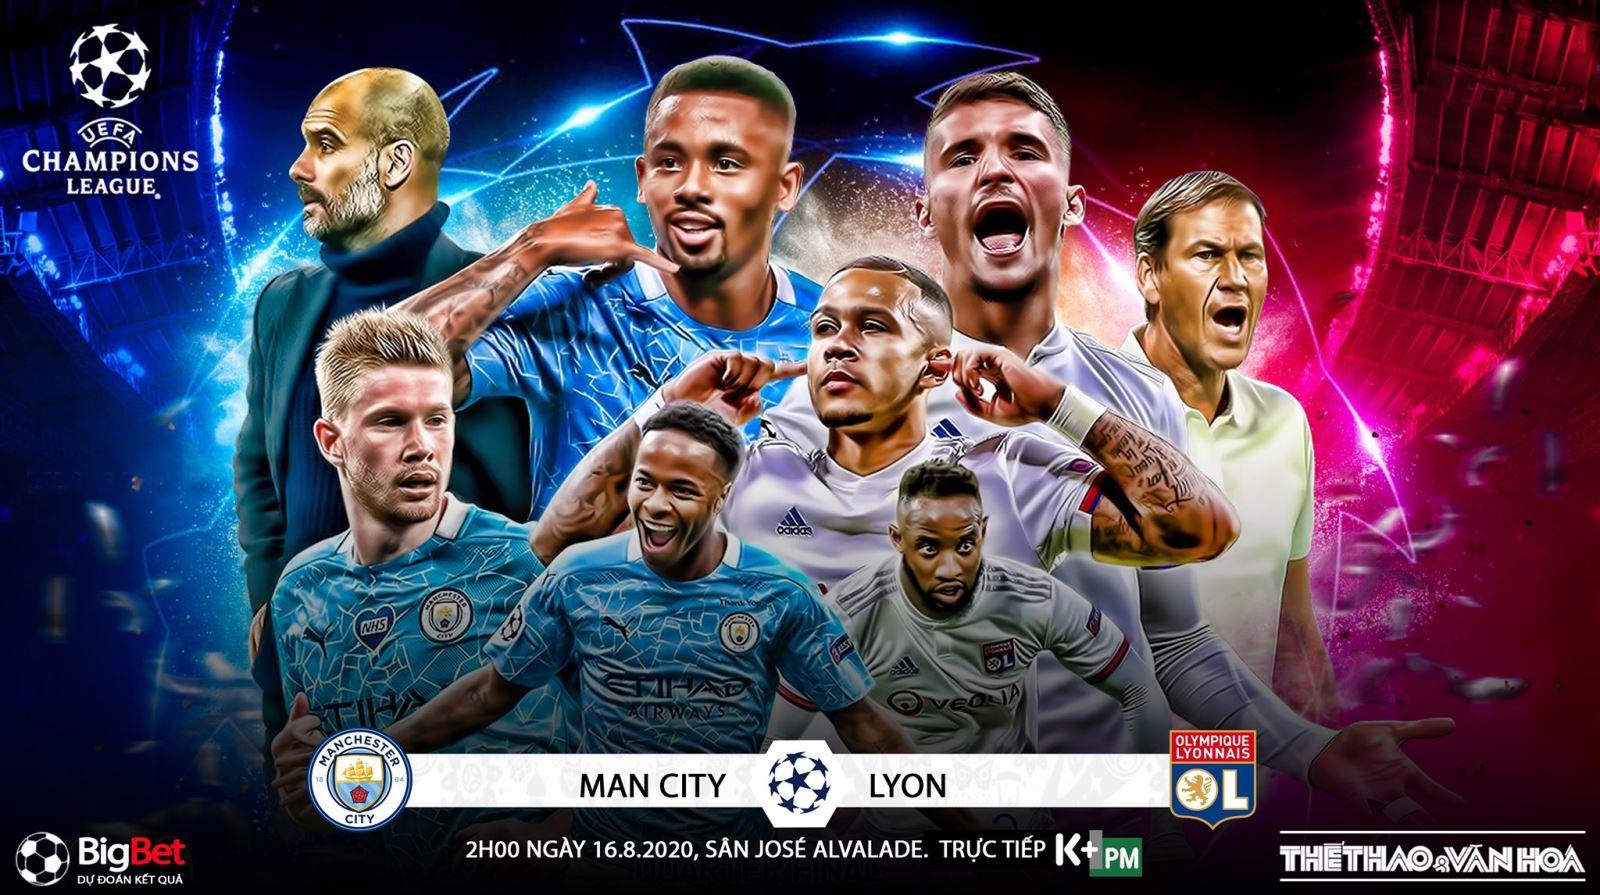 Kết quả bóng đá, Man City vs Lyon, Kết quả tứ kết cúp C1 châu Âu, Kết quả Man City đấu với Lyon, Kết quả Man City vs Lyon, lịch thi đấu bán kết Champions League